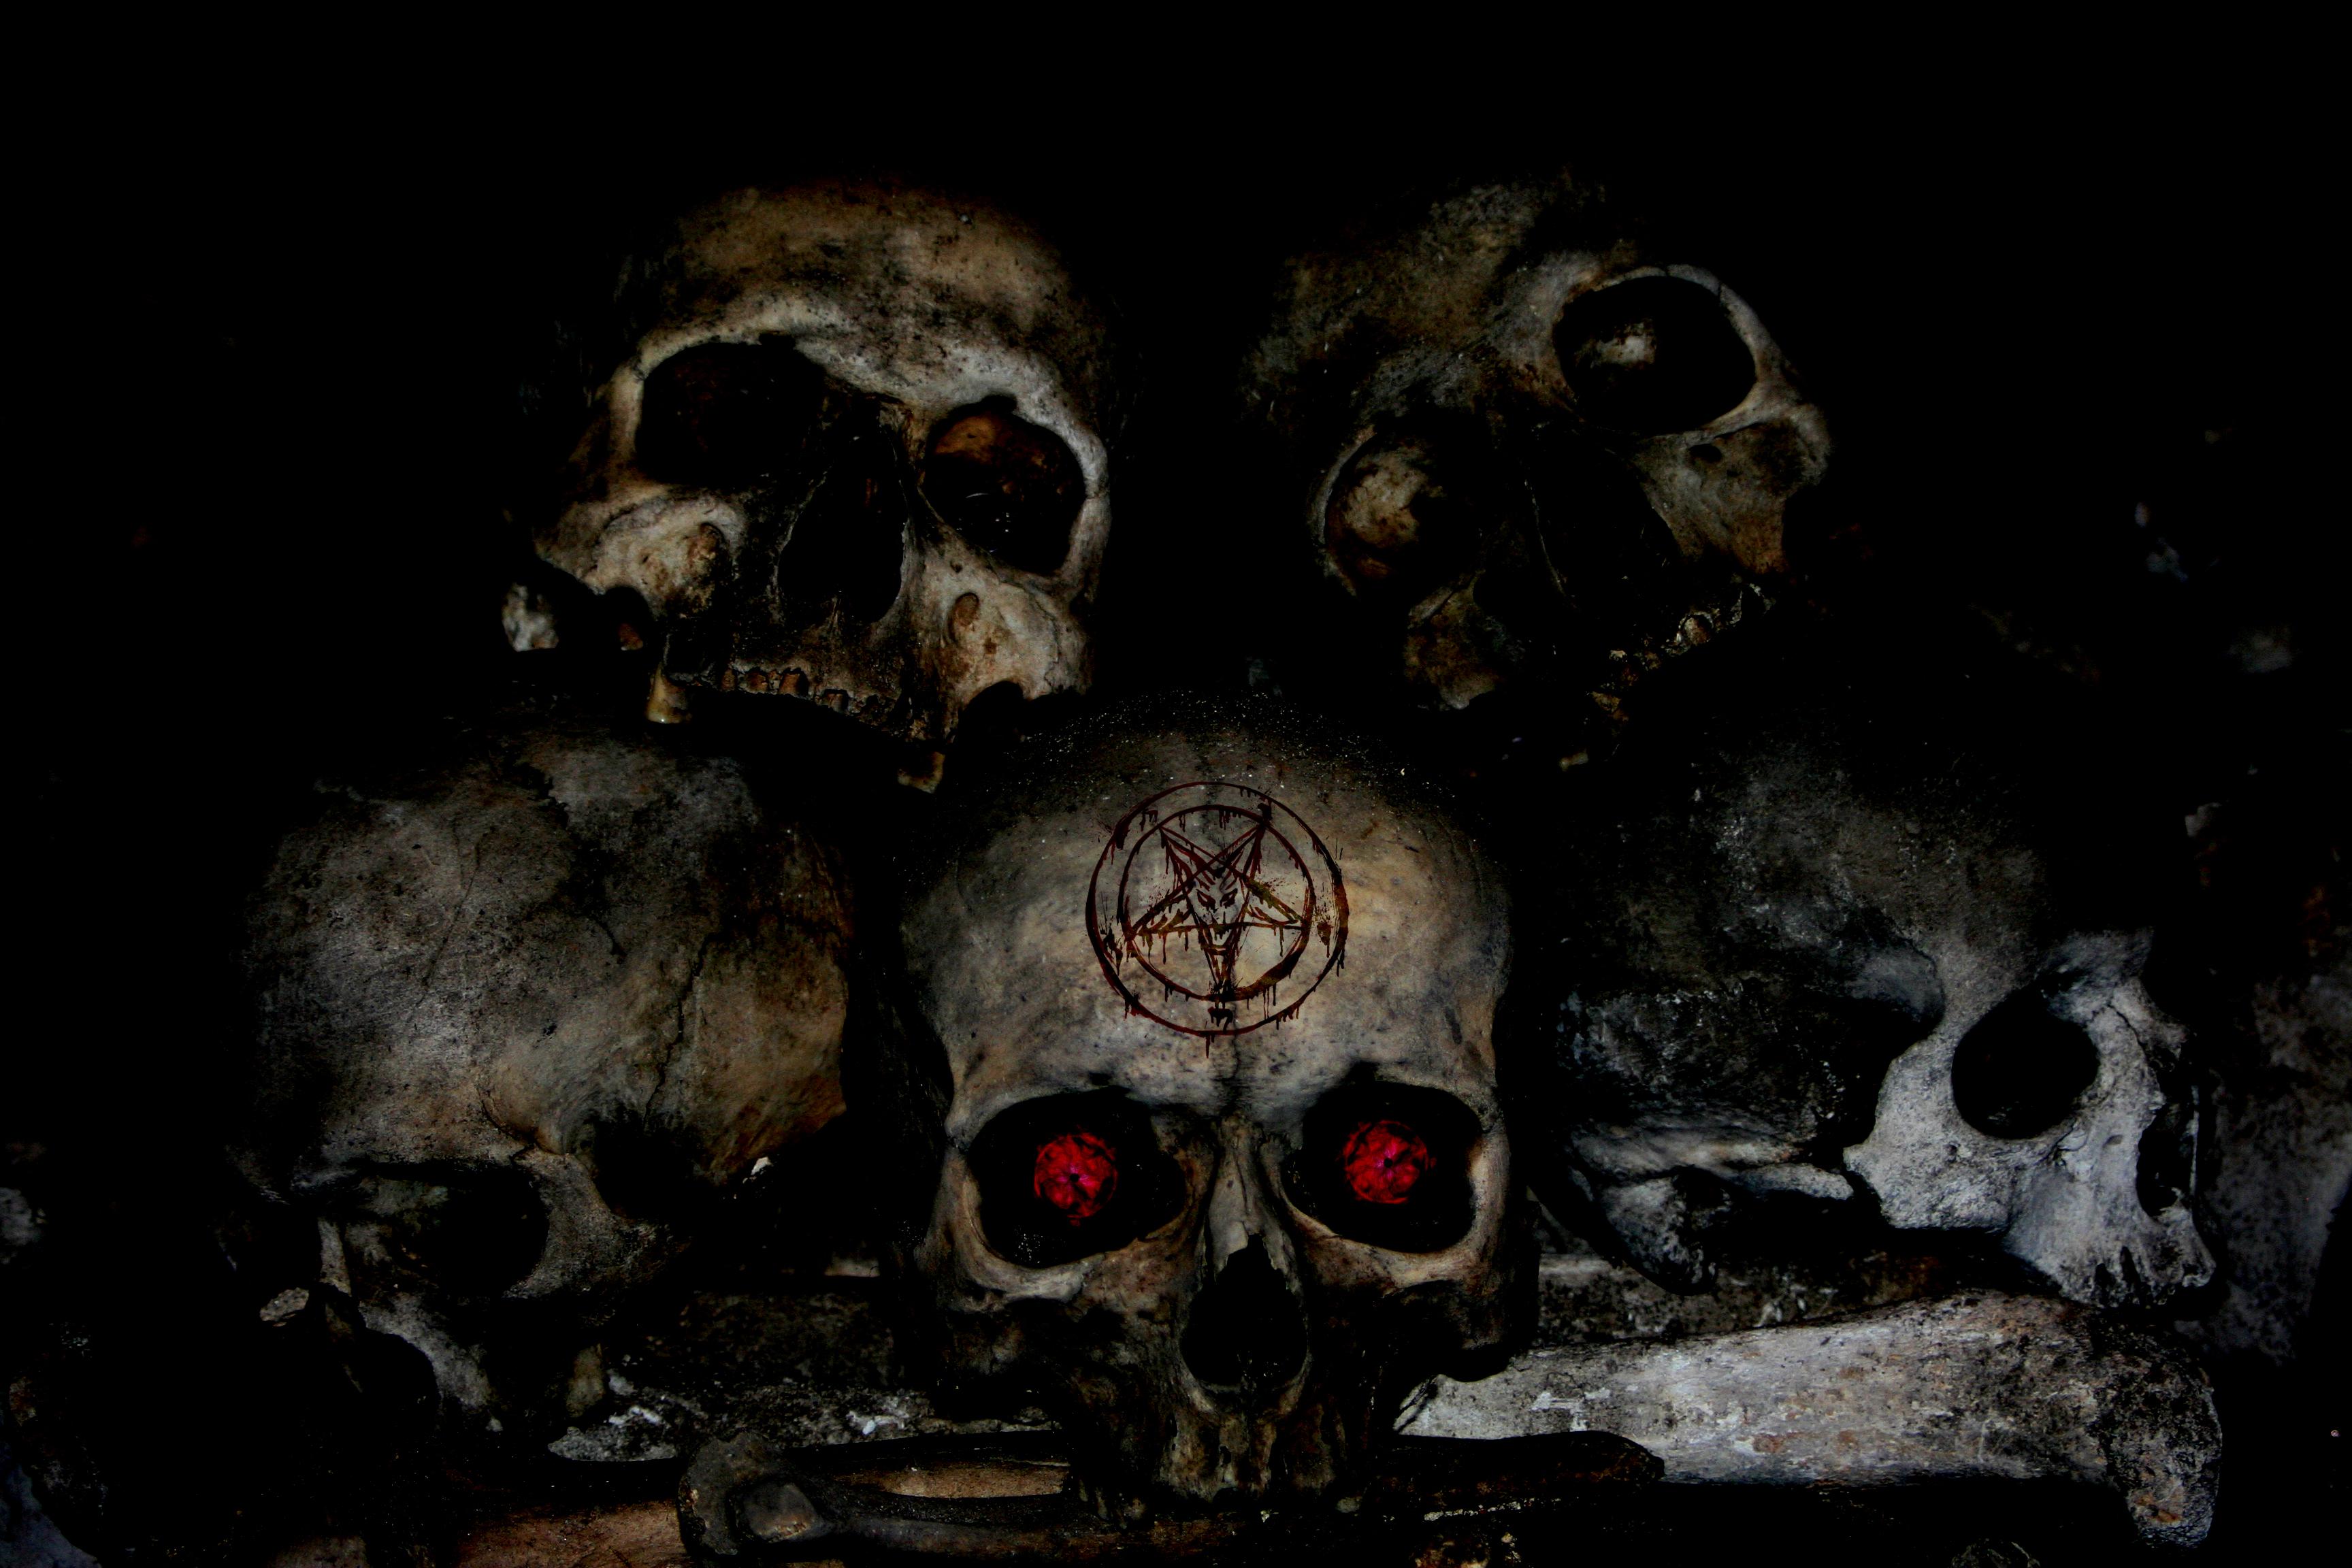 demon skull wallpaper - photo #15